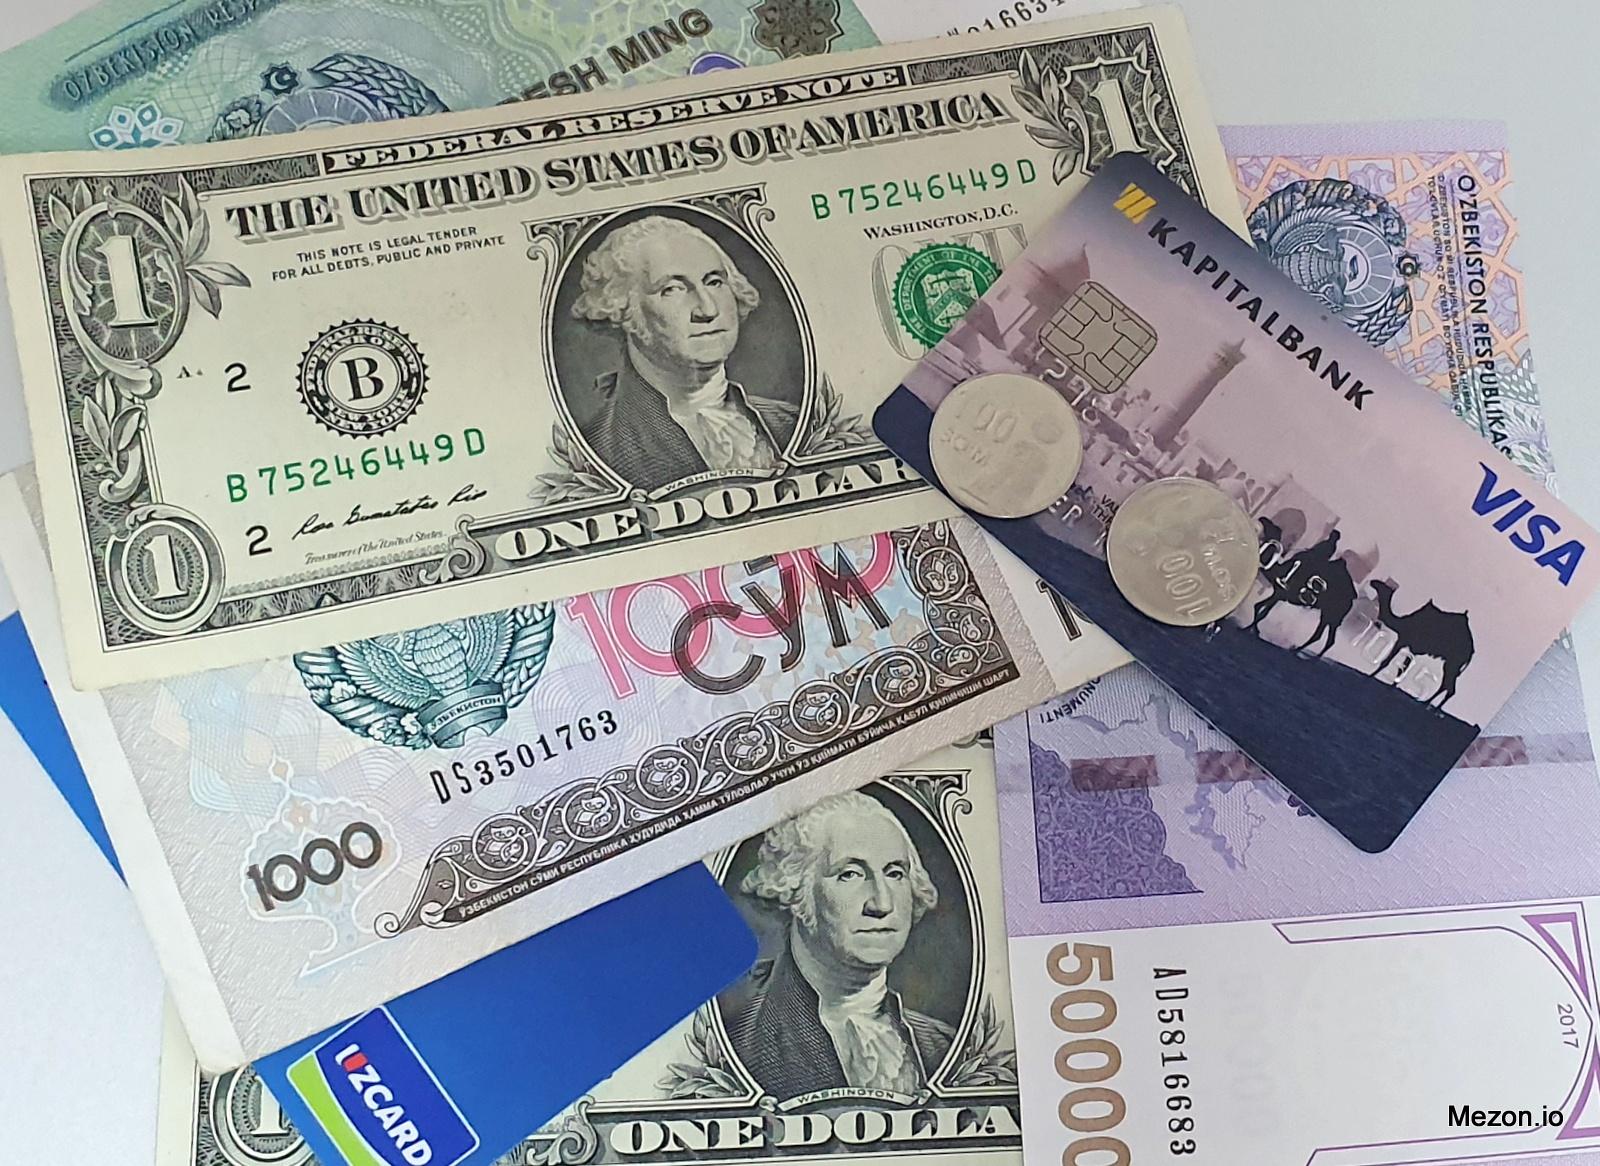 С 1 октября в Узбекистане вводится несколько важнейших нововведений: вводится запрет на обналичку иностранной валюты, снижается ставка и отменяются льготы по НДС, отменяется доверенность между родственниками на управление автомобилем.